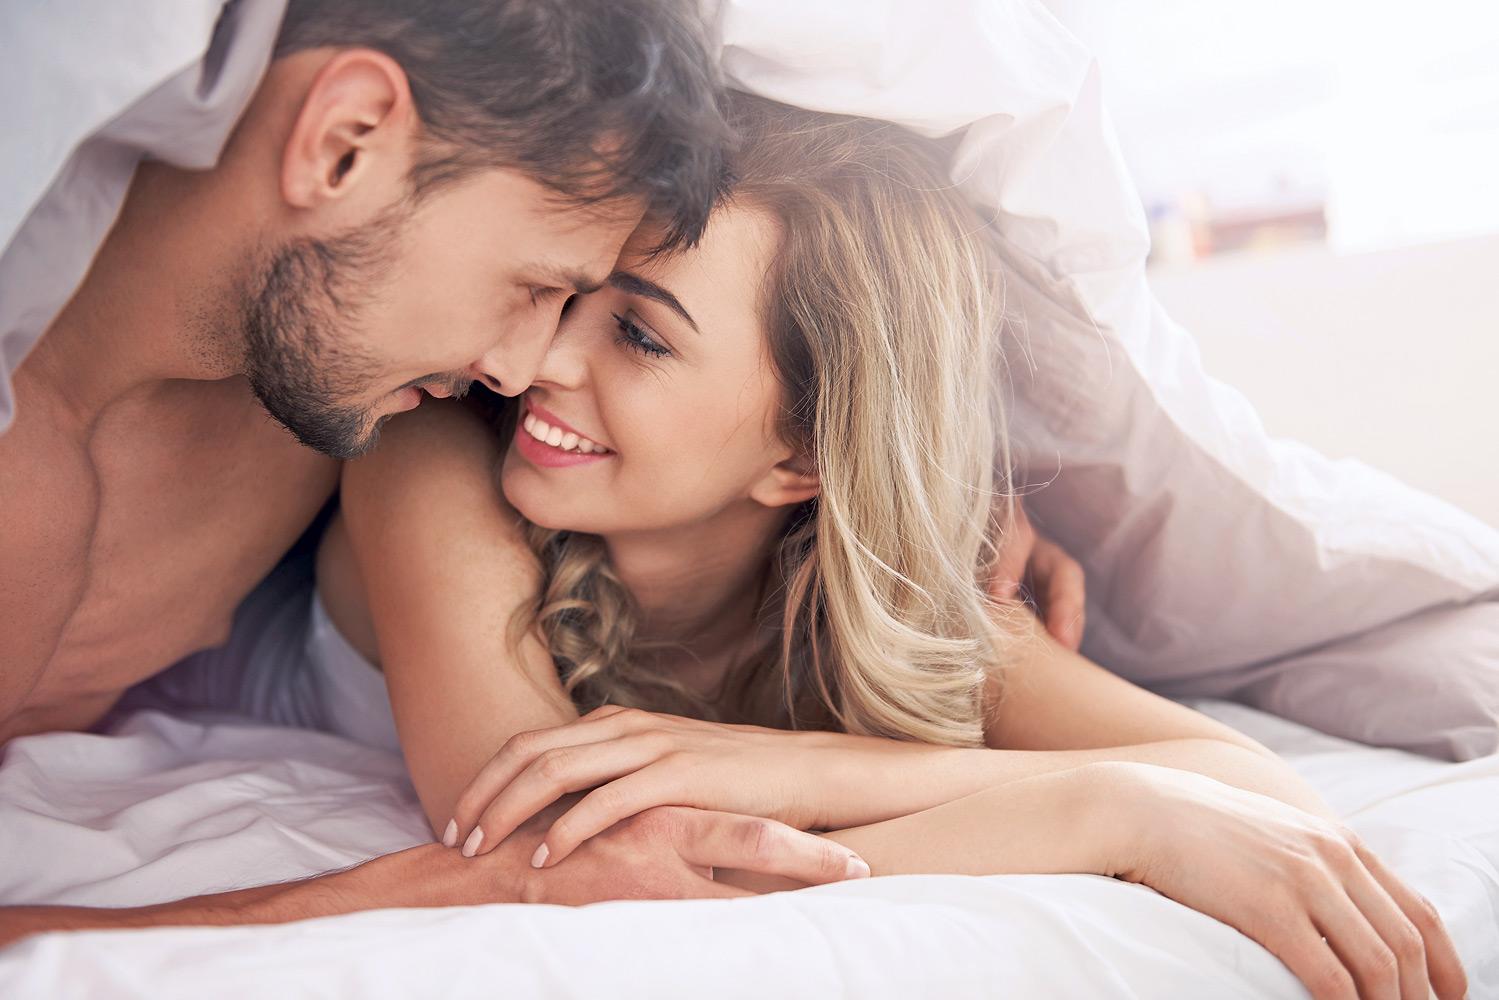 Когда можно начинать сексуальные отношения после знакомства